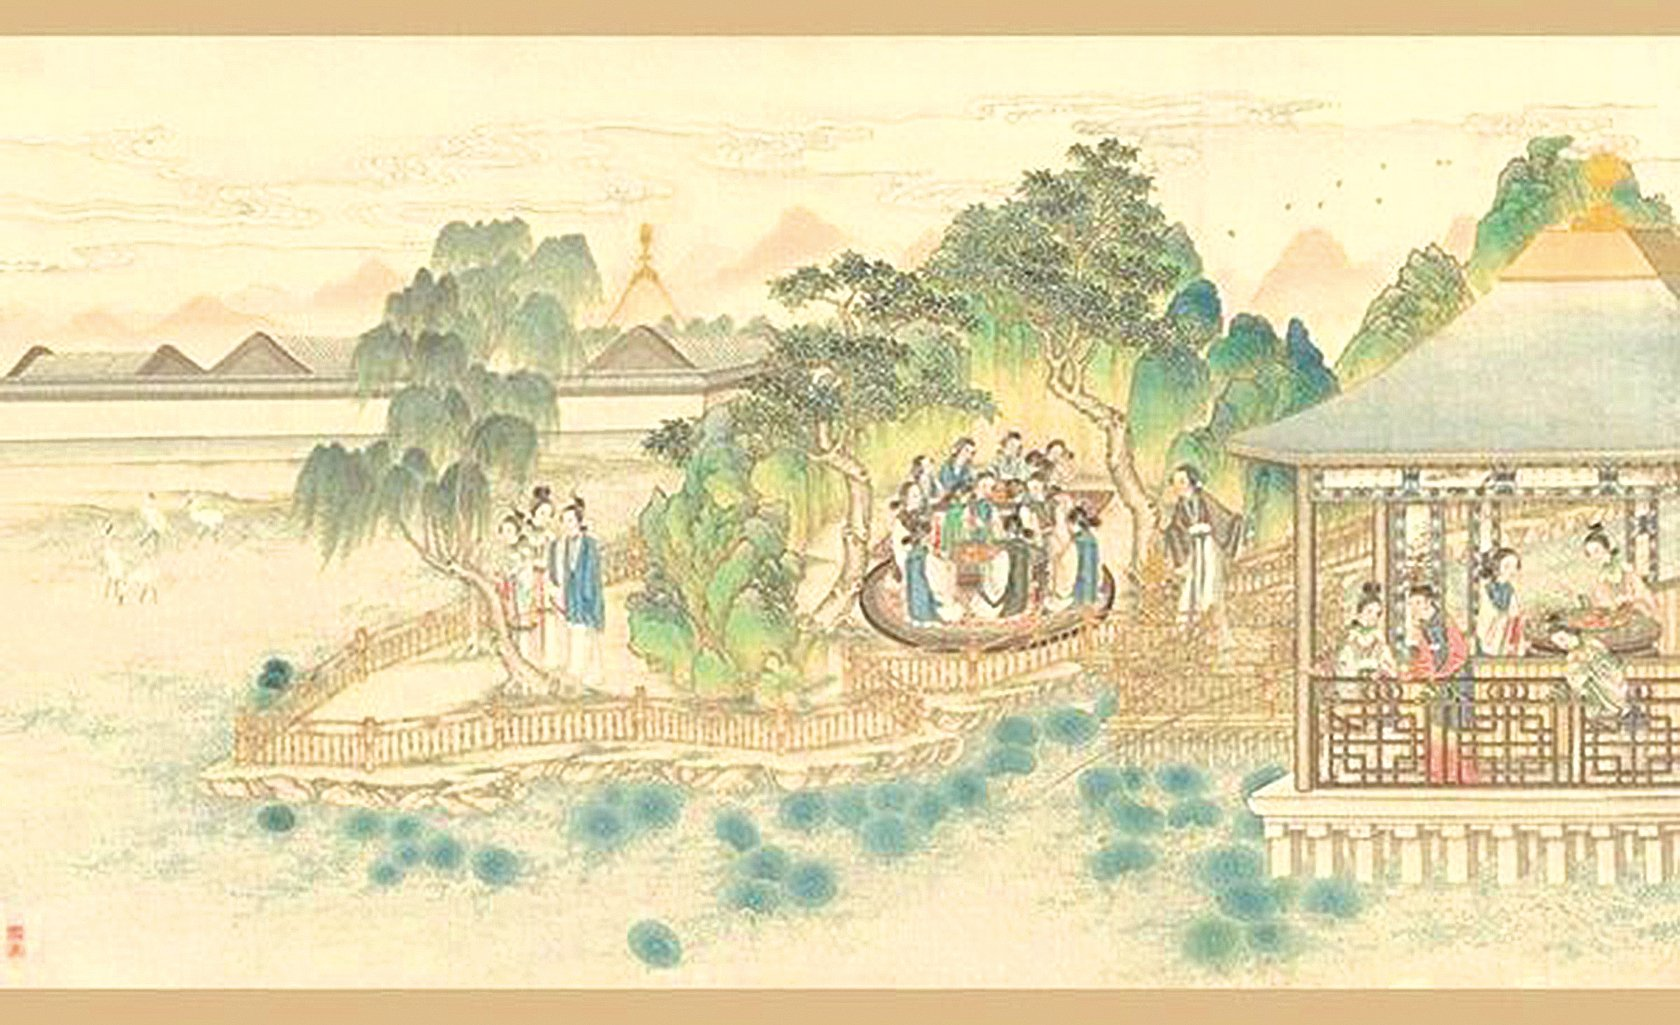 清朝孫溫所繪《紅樓夢》第38回(圖片:wikimedia commons/SOH合成)